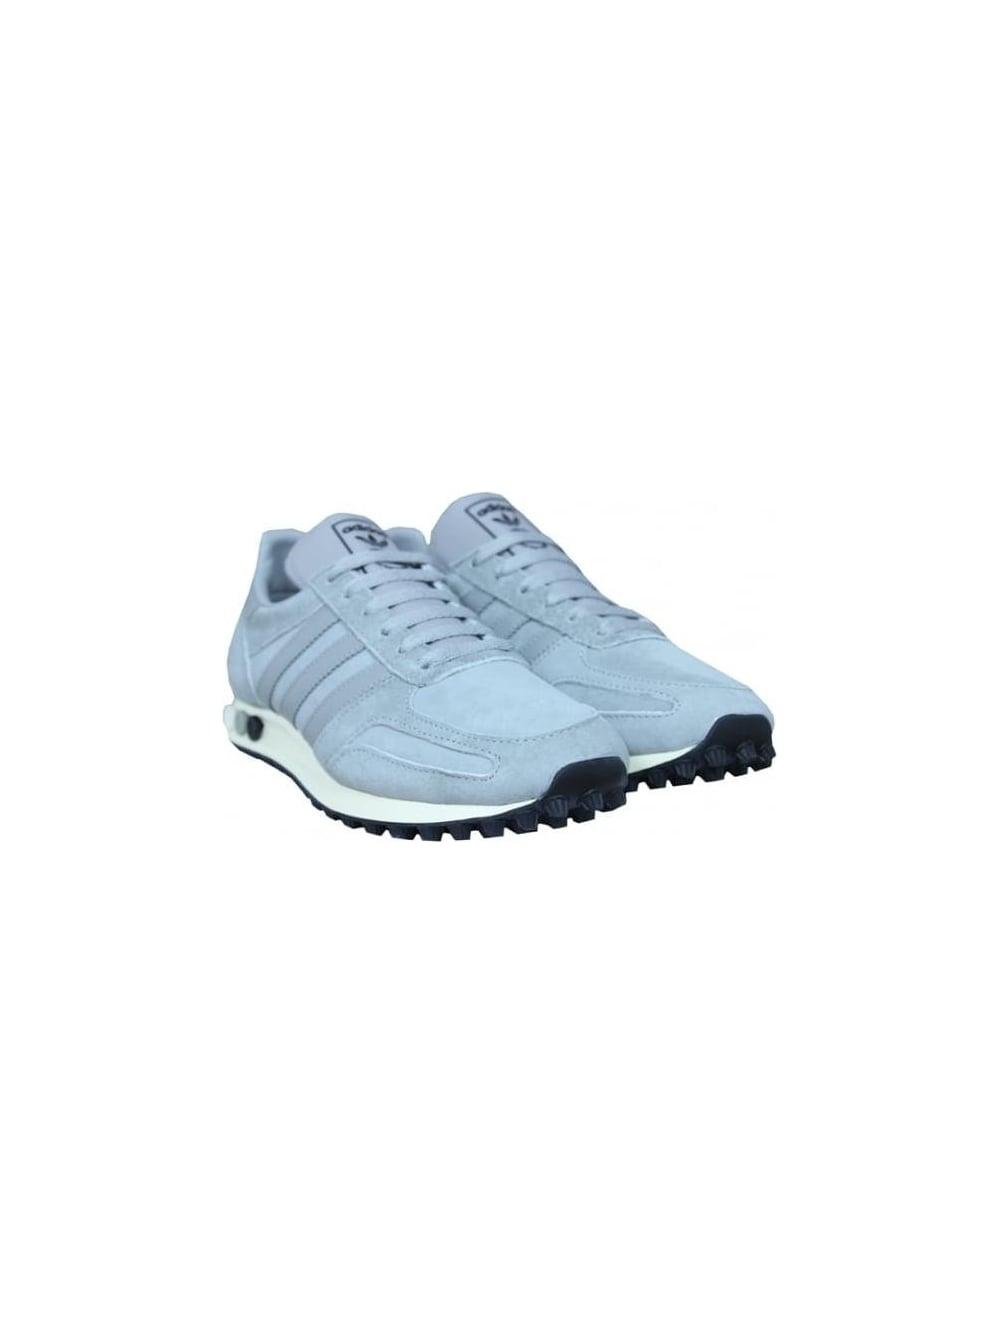 adidas la trainer solid grey